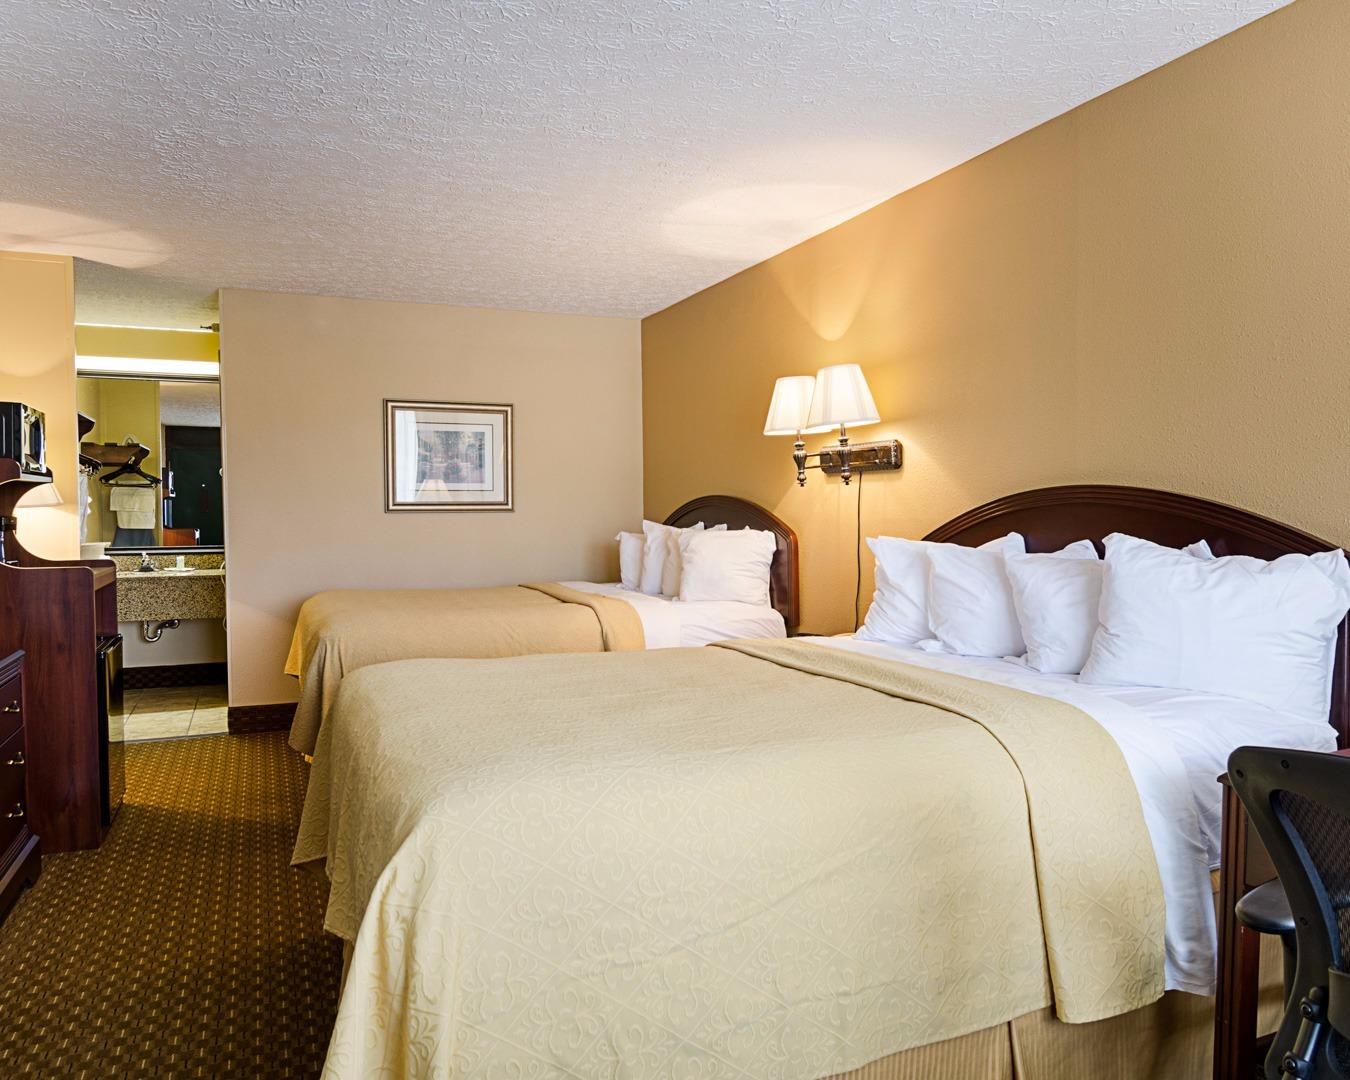 Quality Inn, Lewisburg WV